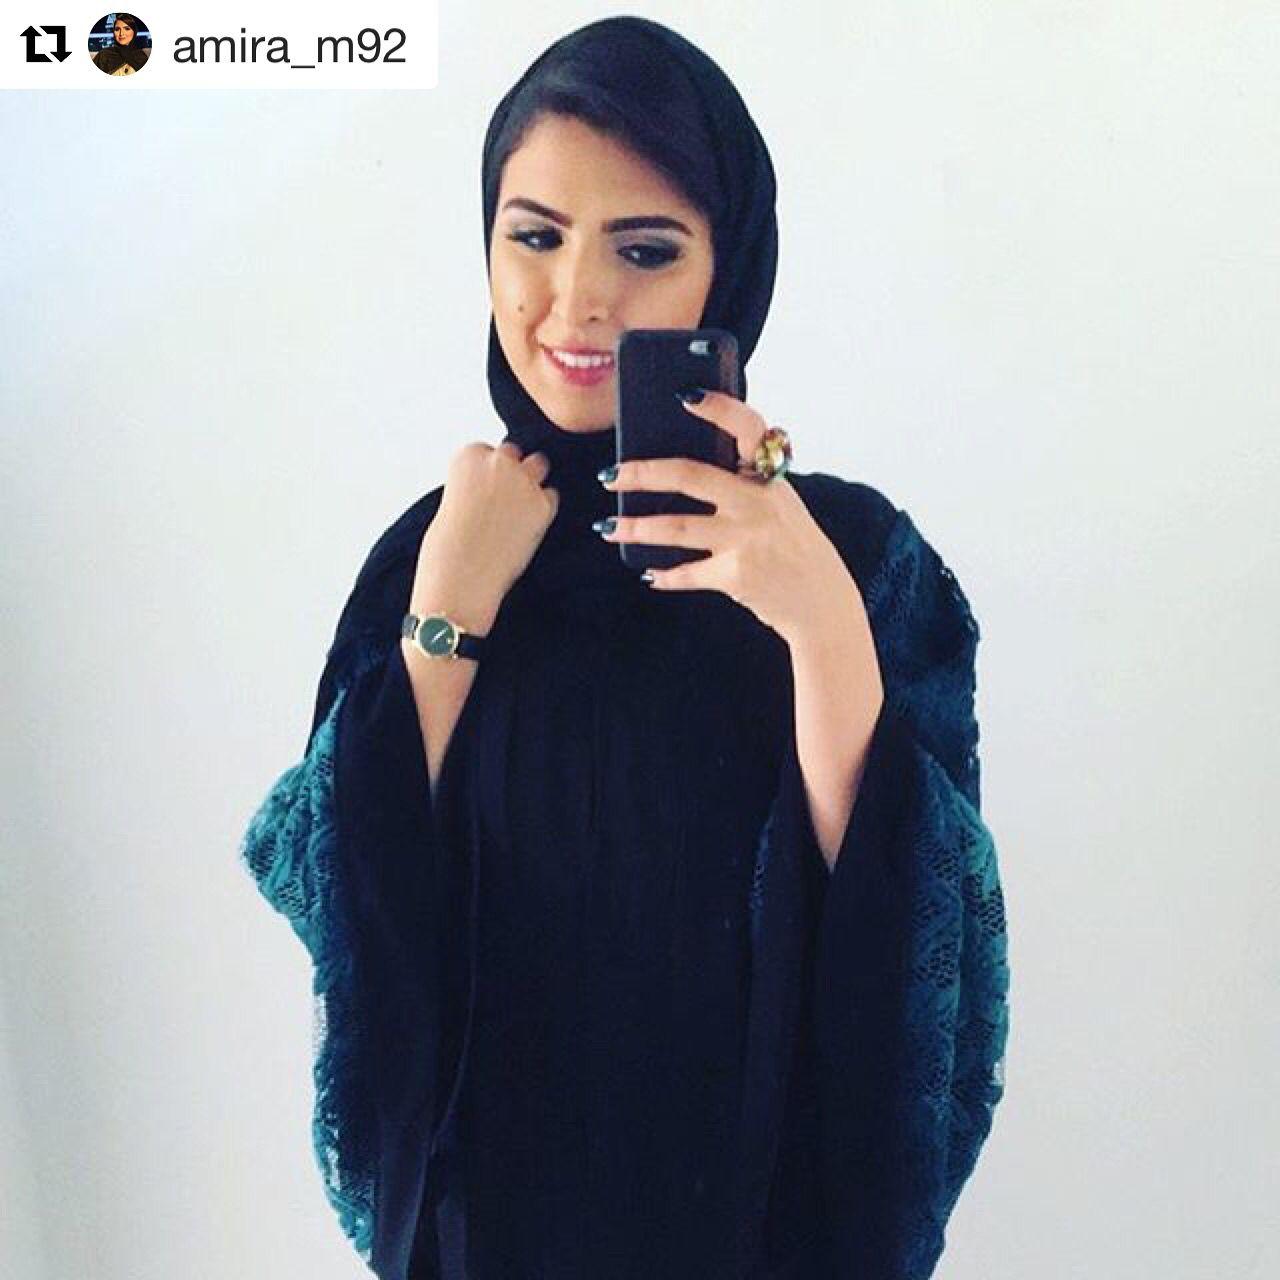 طلة أميرة اليوم عباية مزينة بالدانتيل الأزرق على الأكمام من تصميم سكابيوزا دبي مصممة تصميمي الإمارات أبوظبي عبايات أزياء Abaya Designs Fashion Style